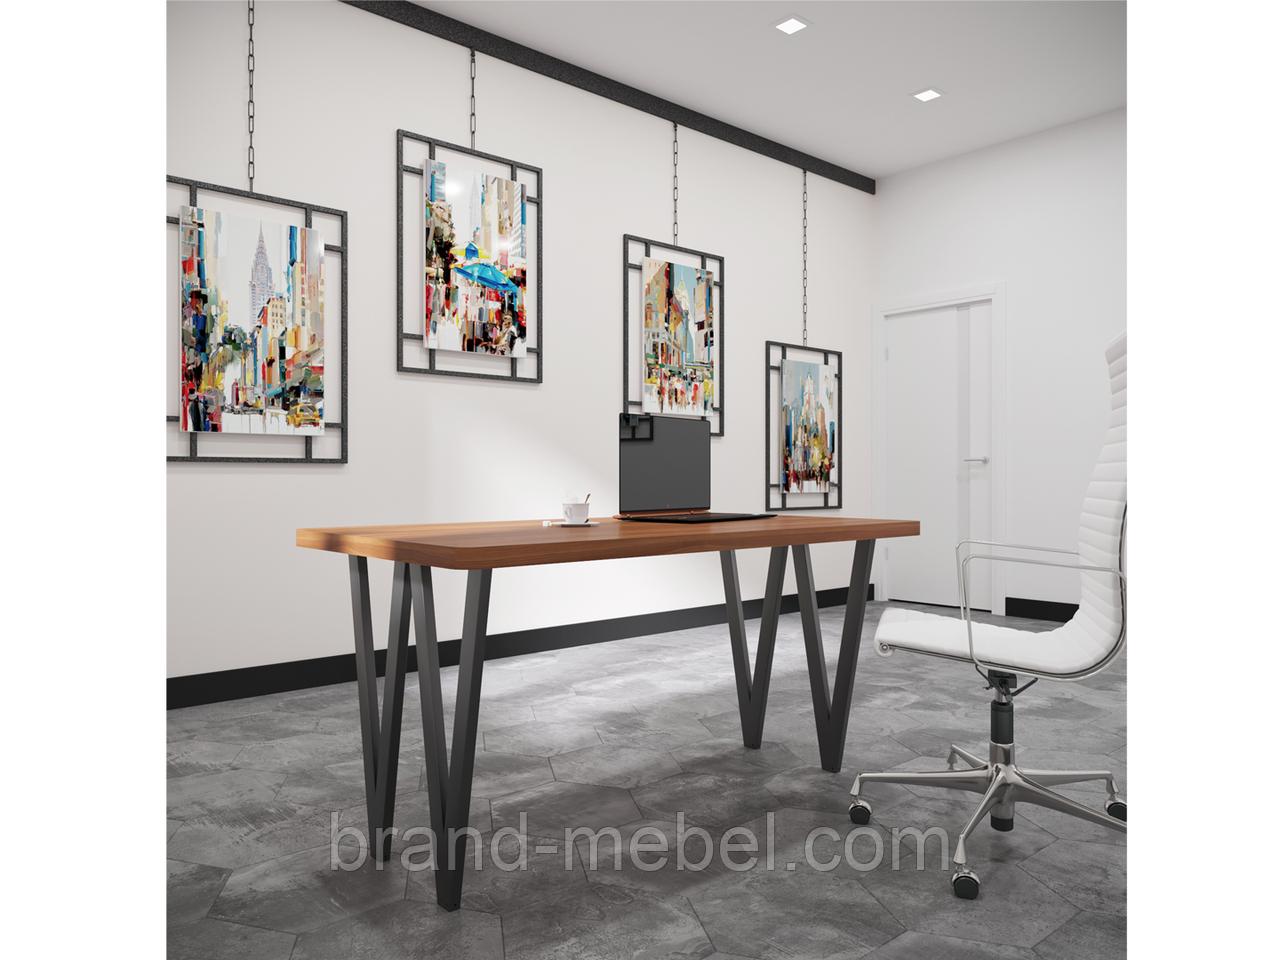 Стіл обідній Ві (стол обеденный Ви) в стилі Лофт Loft